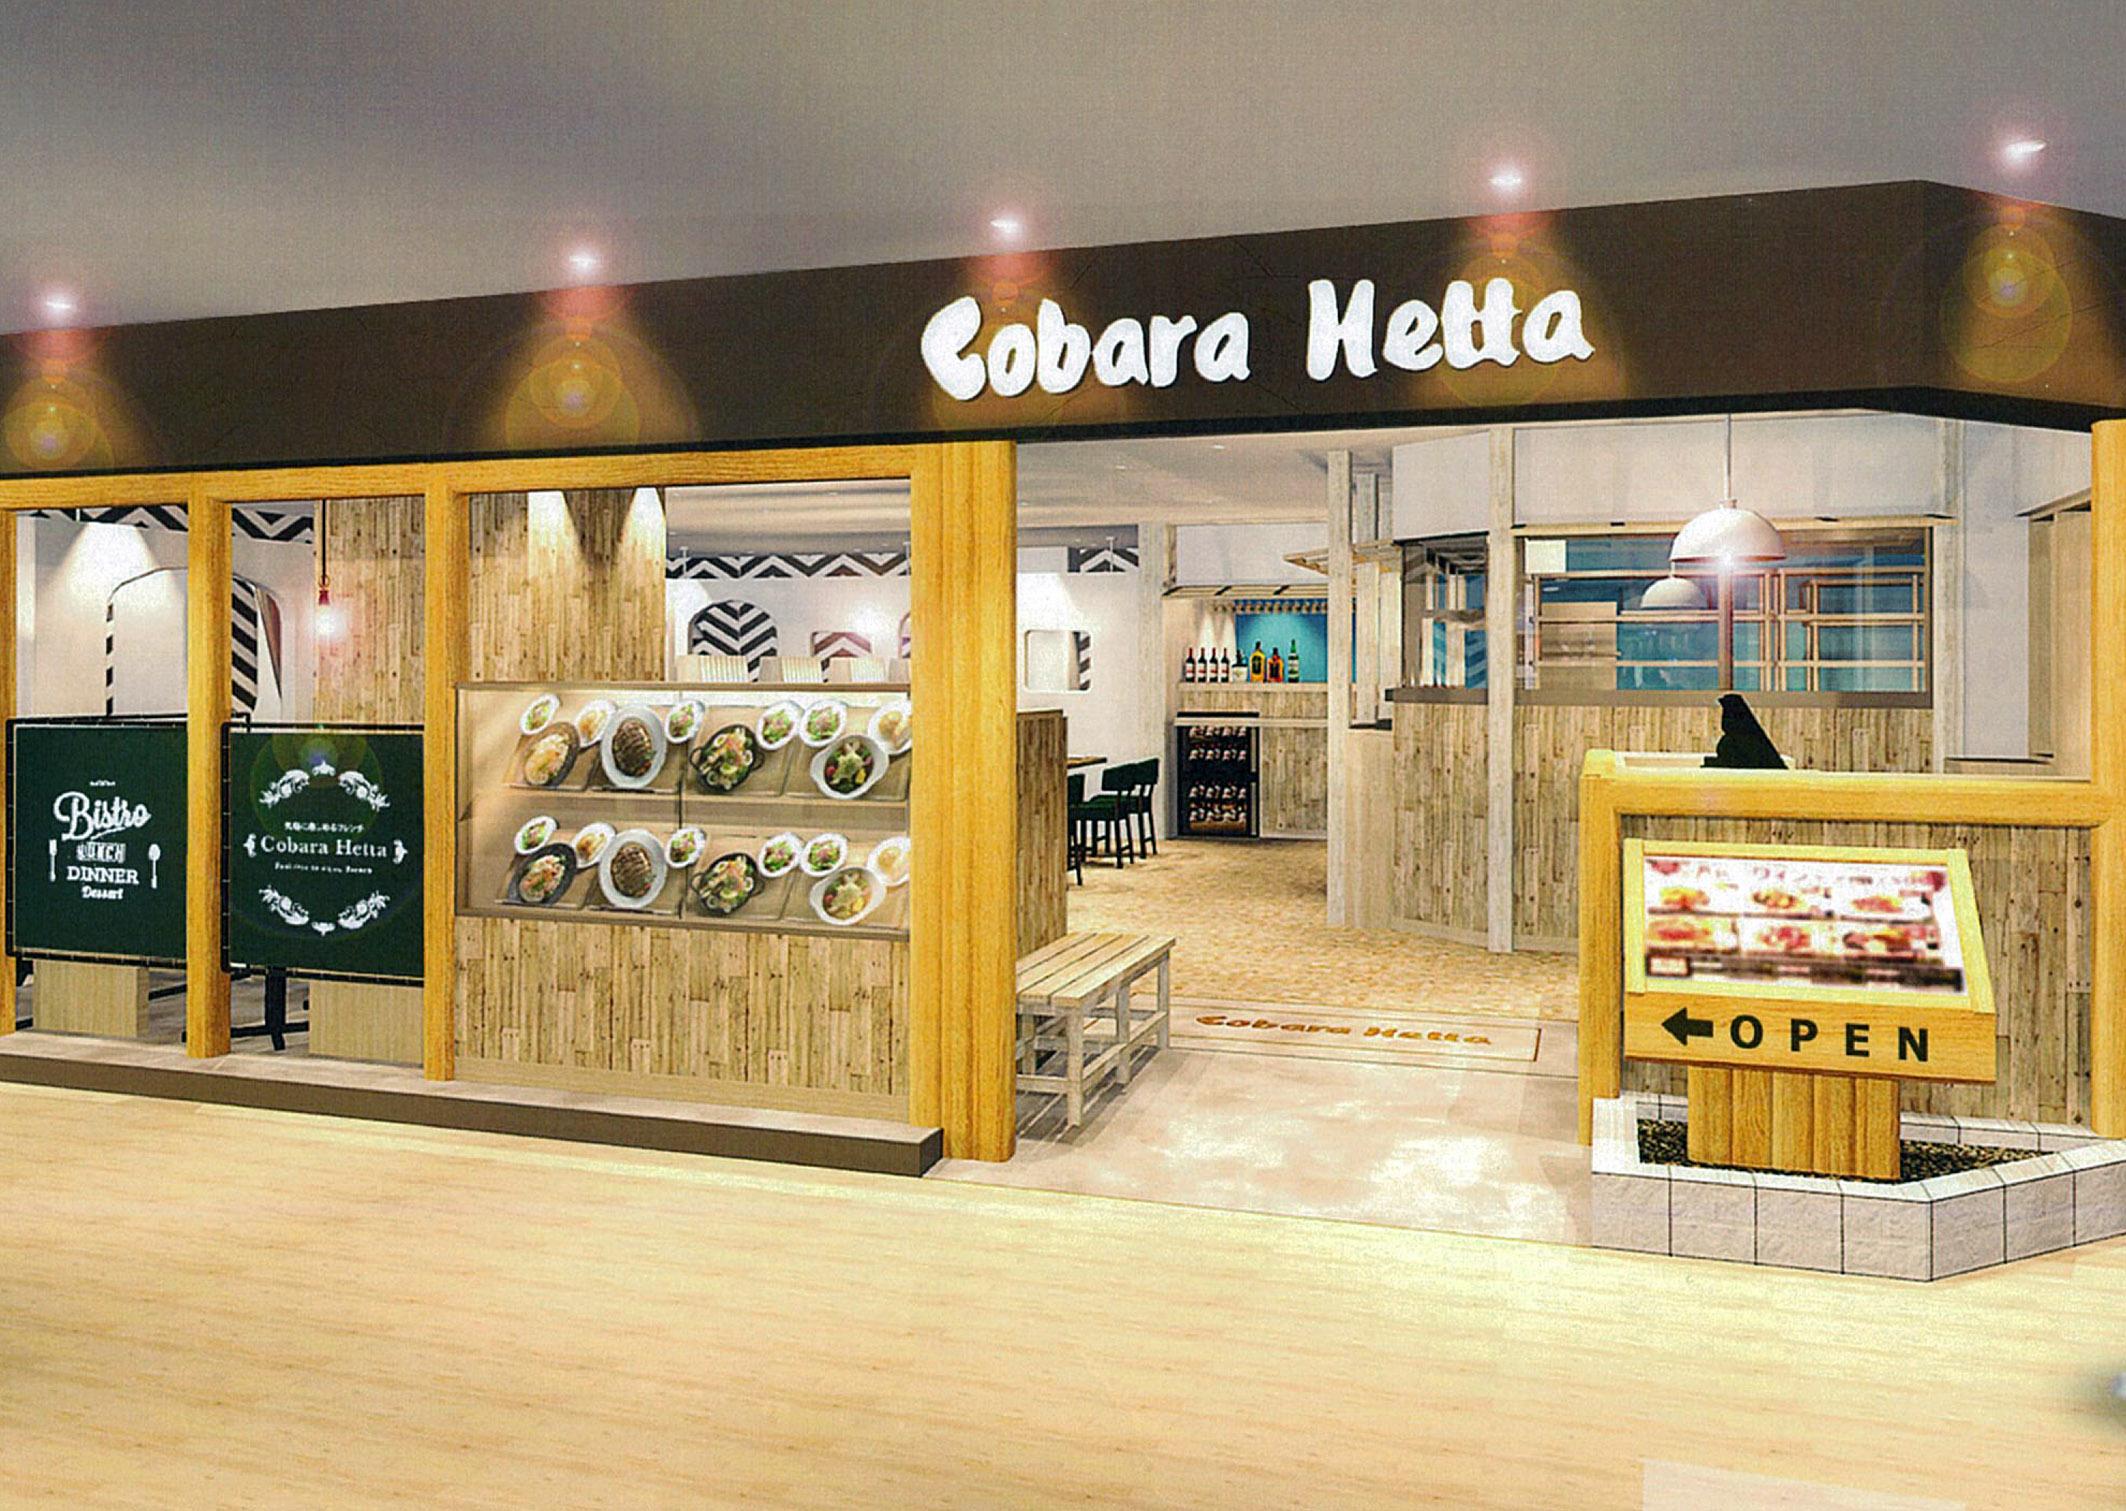 コバラヘッタ 新さっぽろ店・店舗画像